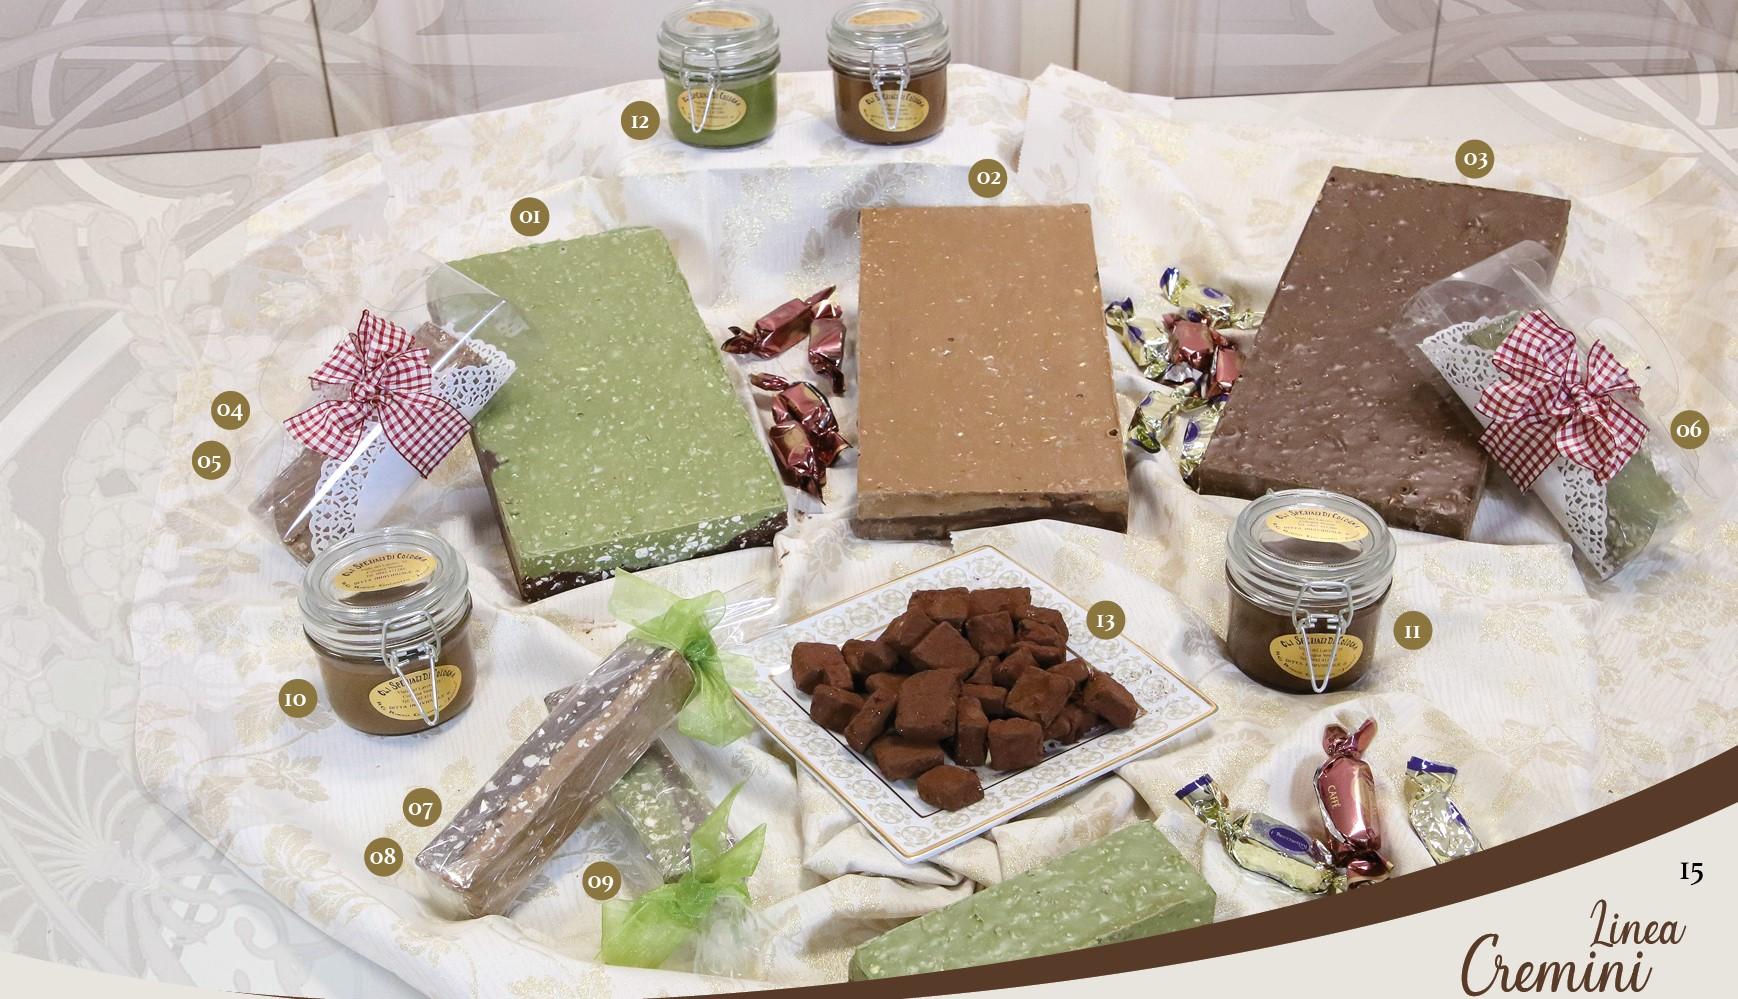 gli-speziali-di-cologna-veneta-cioccolato-cremini-crema-spalmabile.jpg